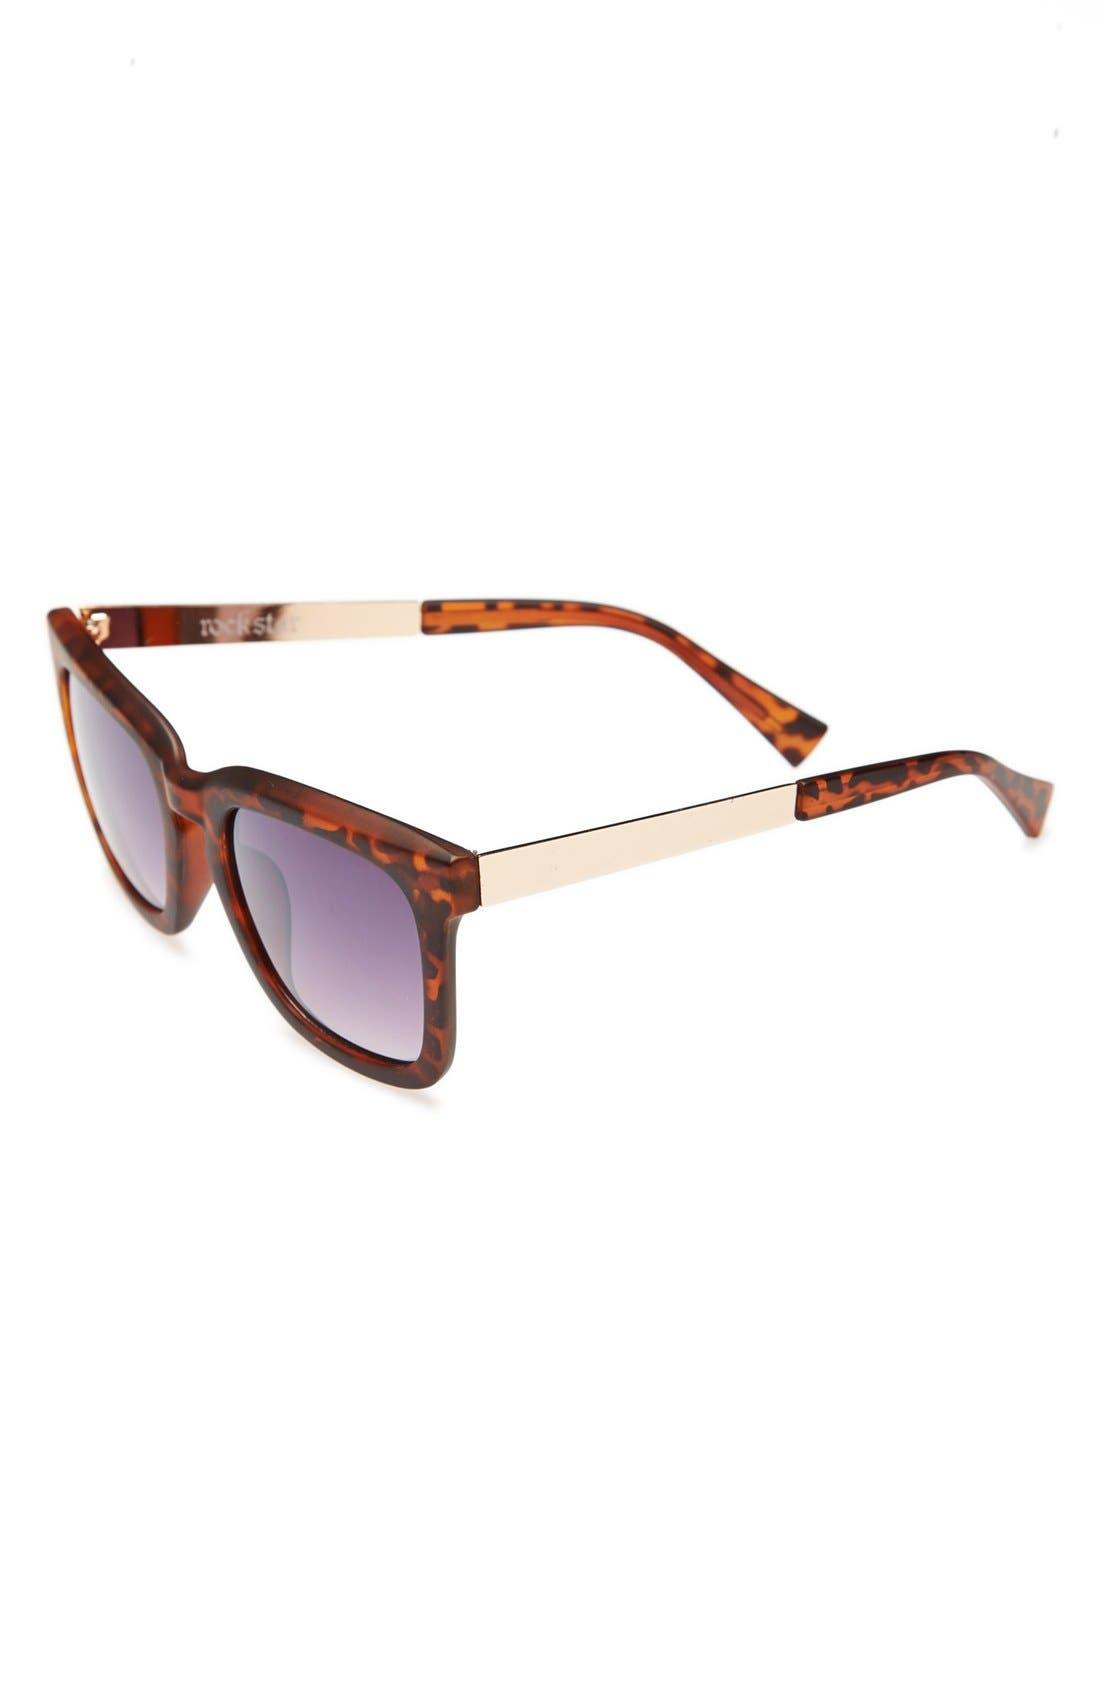 Alternate Image 1 Selected - BP. Oversized Tortoise Shell Sunglasses (Juniors)